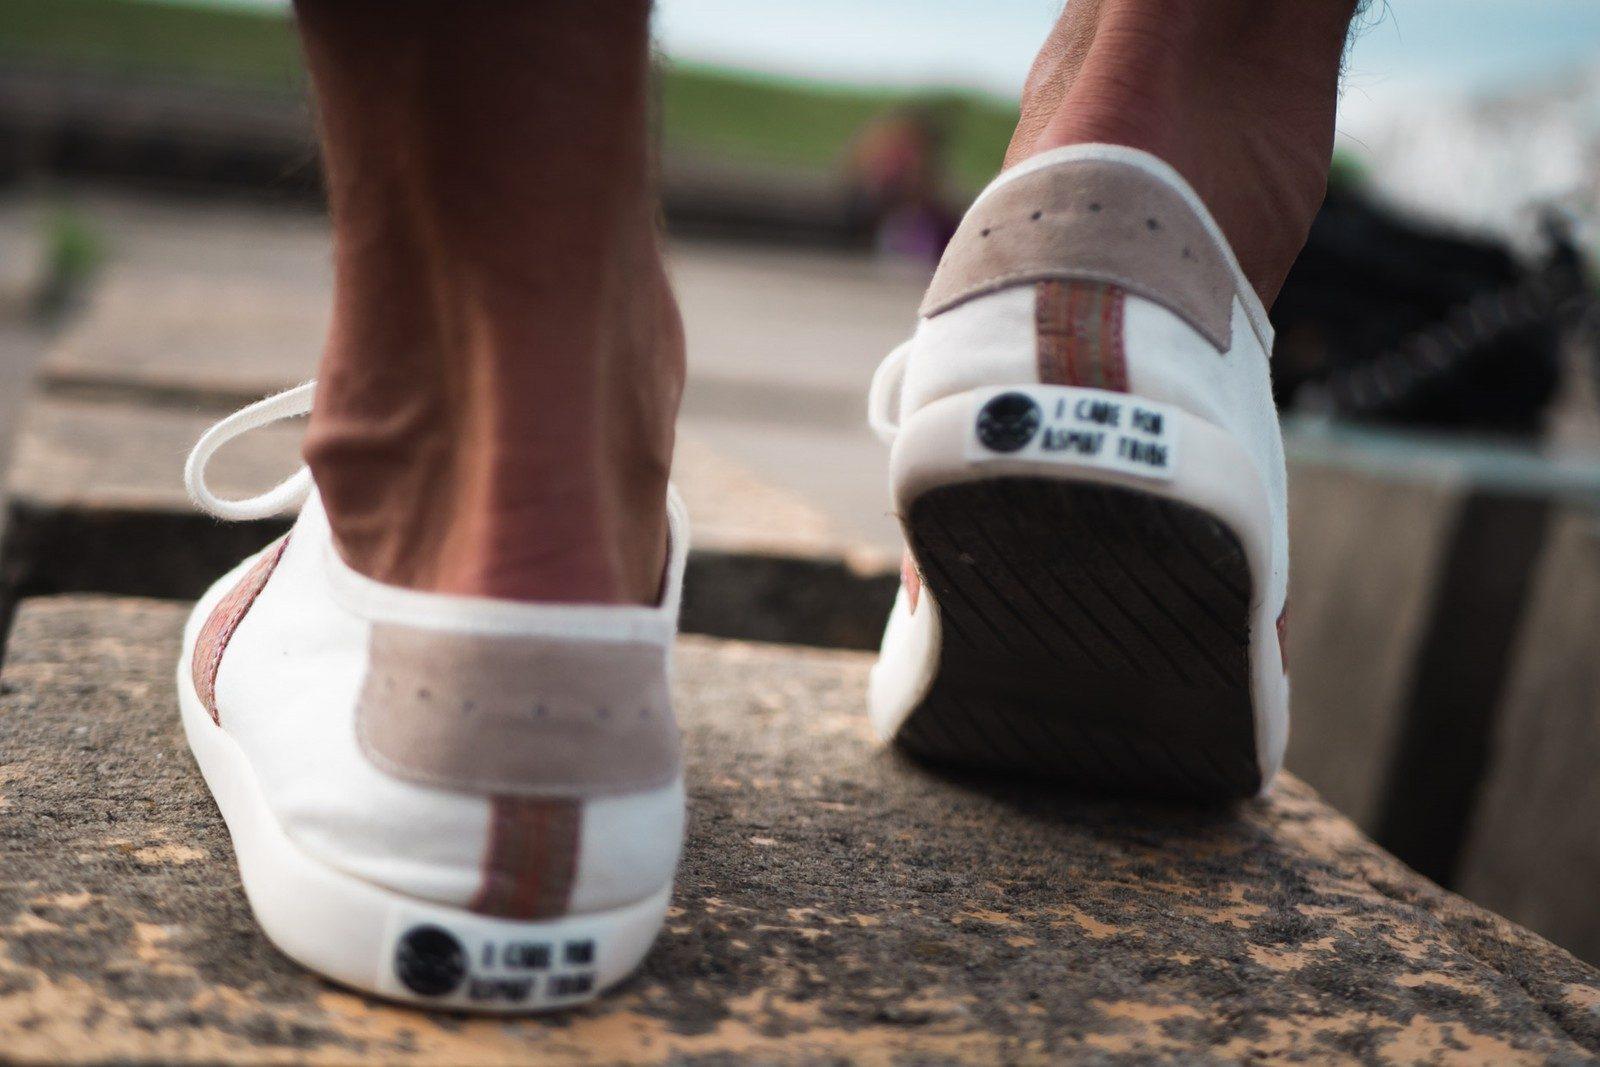 WiWi Shoes - Sneakers en coton biologique certifié GOTS et semelle en pneu recyclé - Modèle Loewy homme - Buenos Aires - vue arrière léger droite mouvement - portées